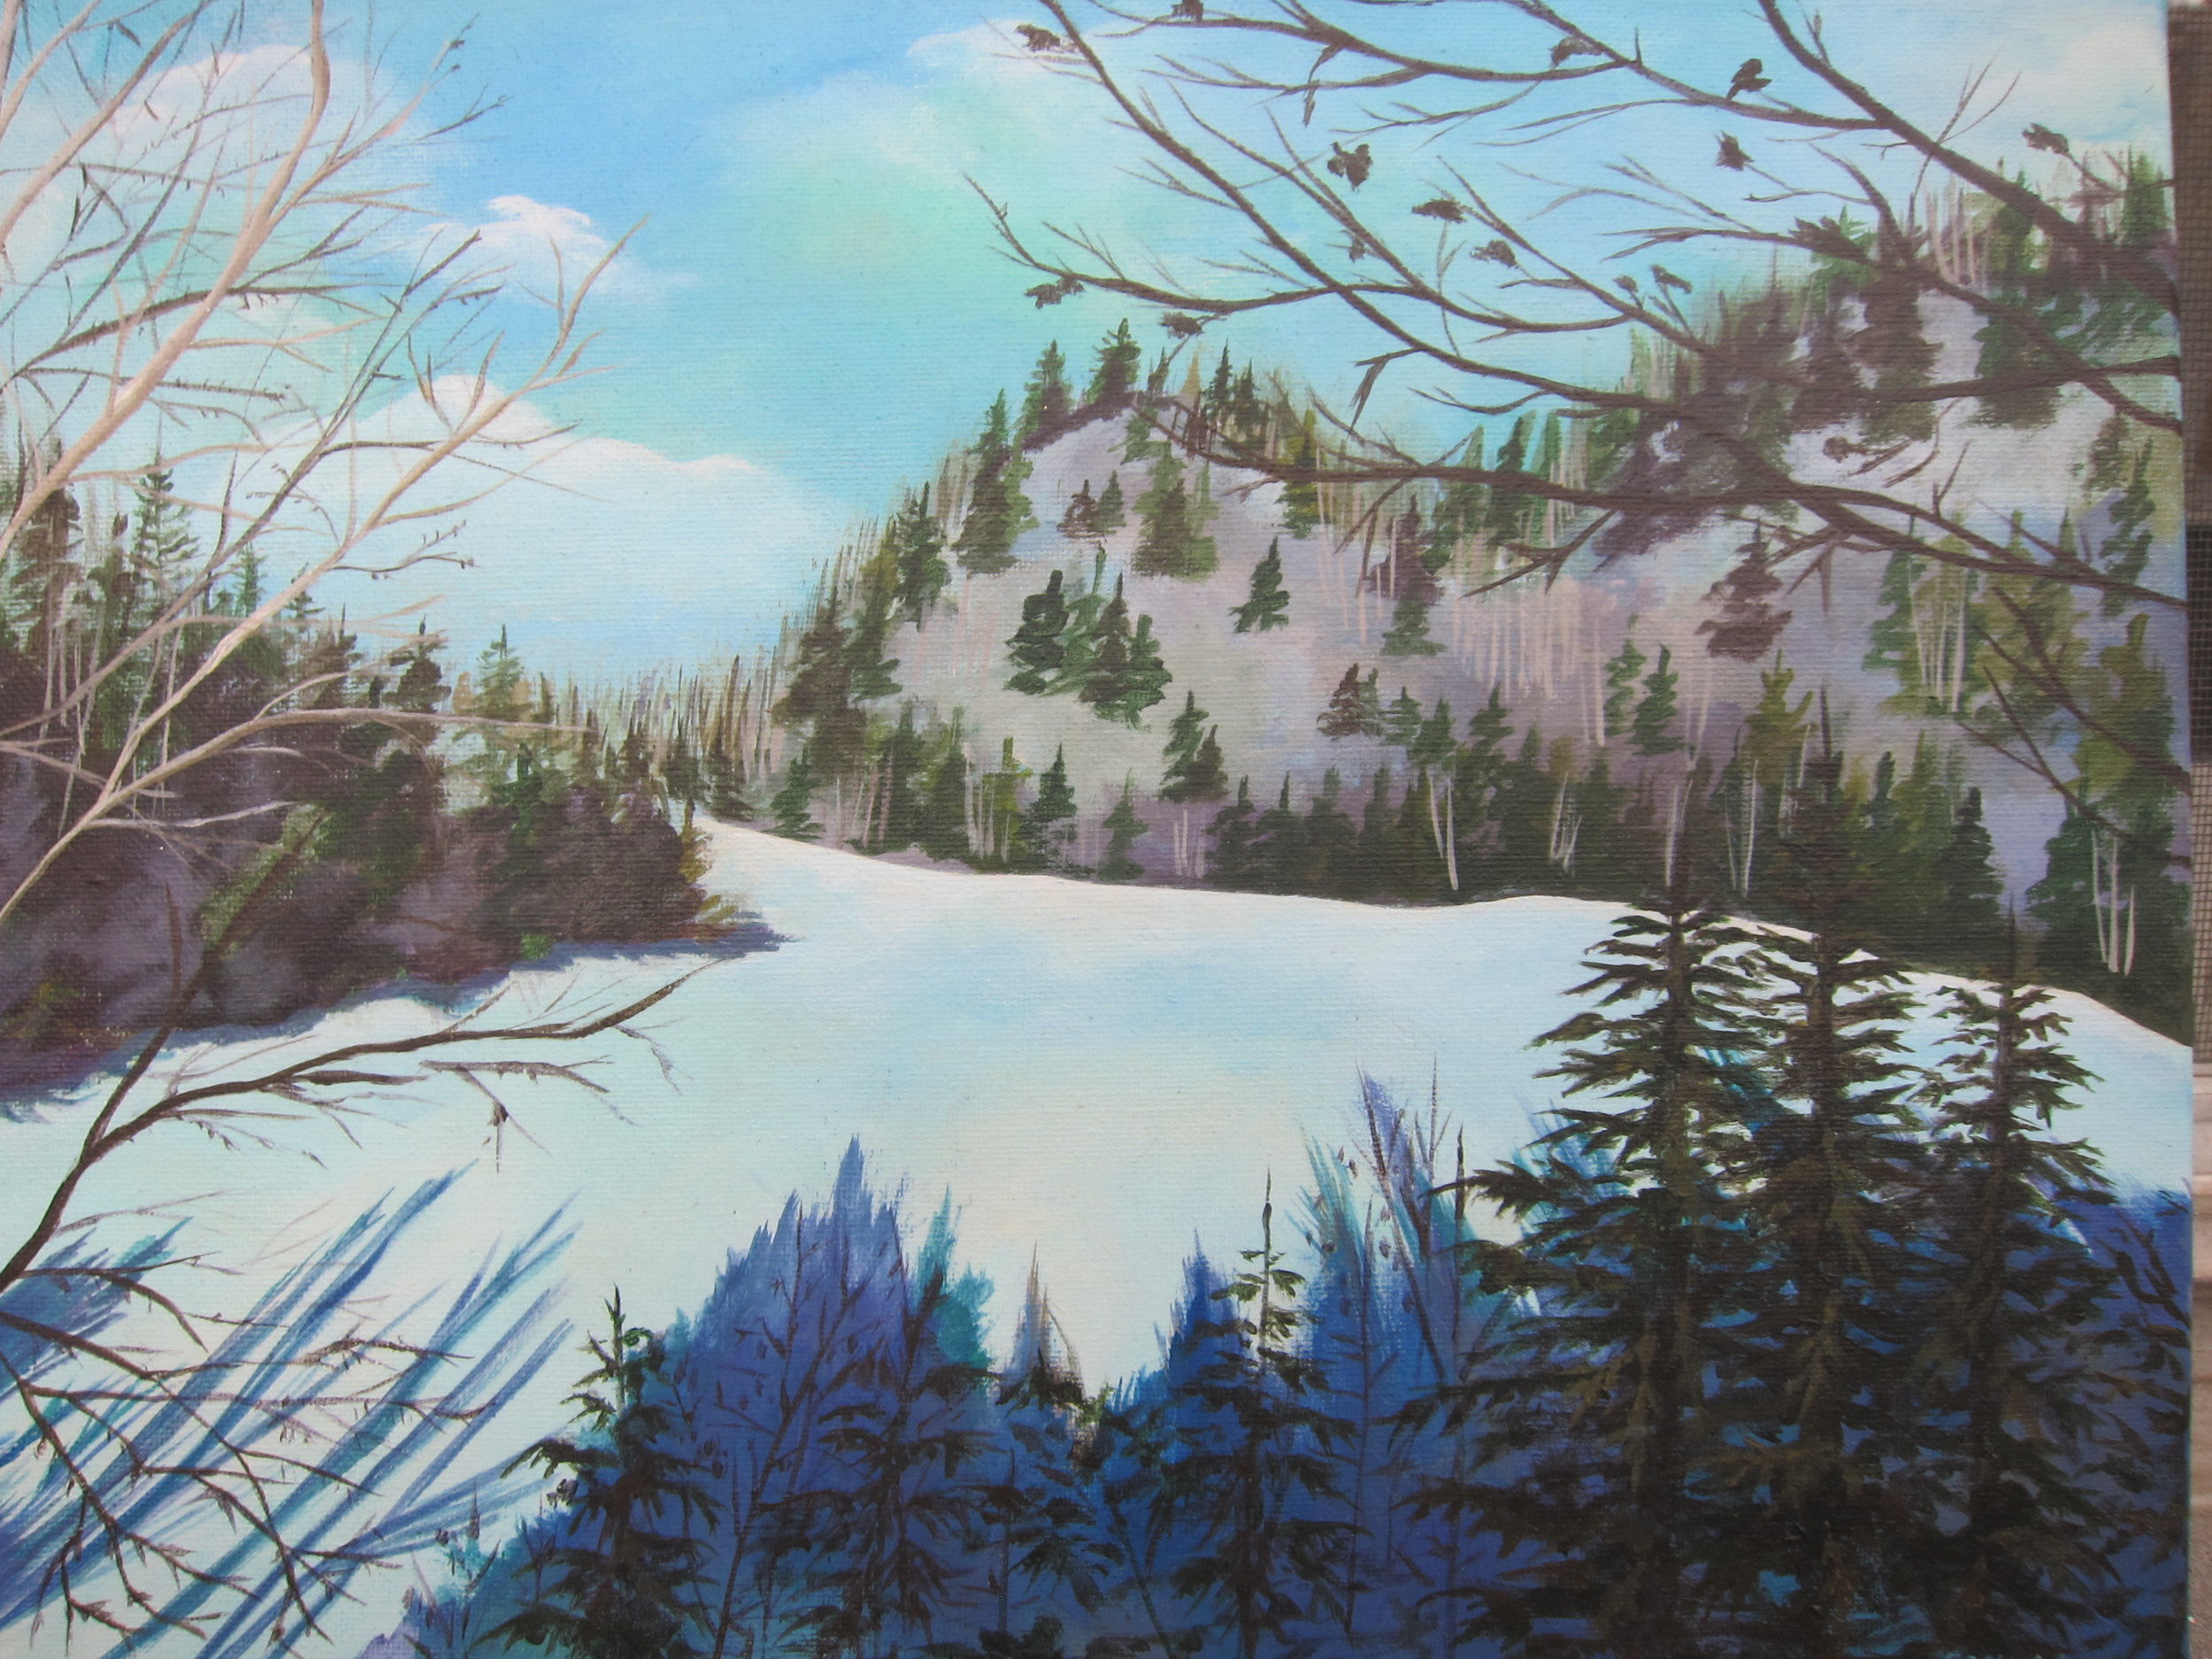 Into the woods: Aqua ice